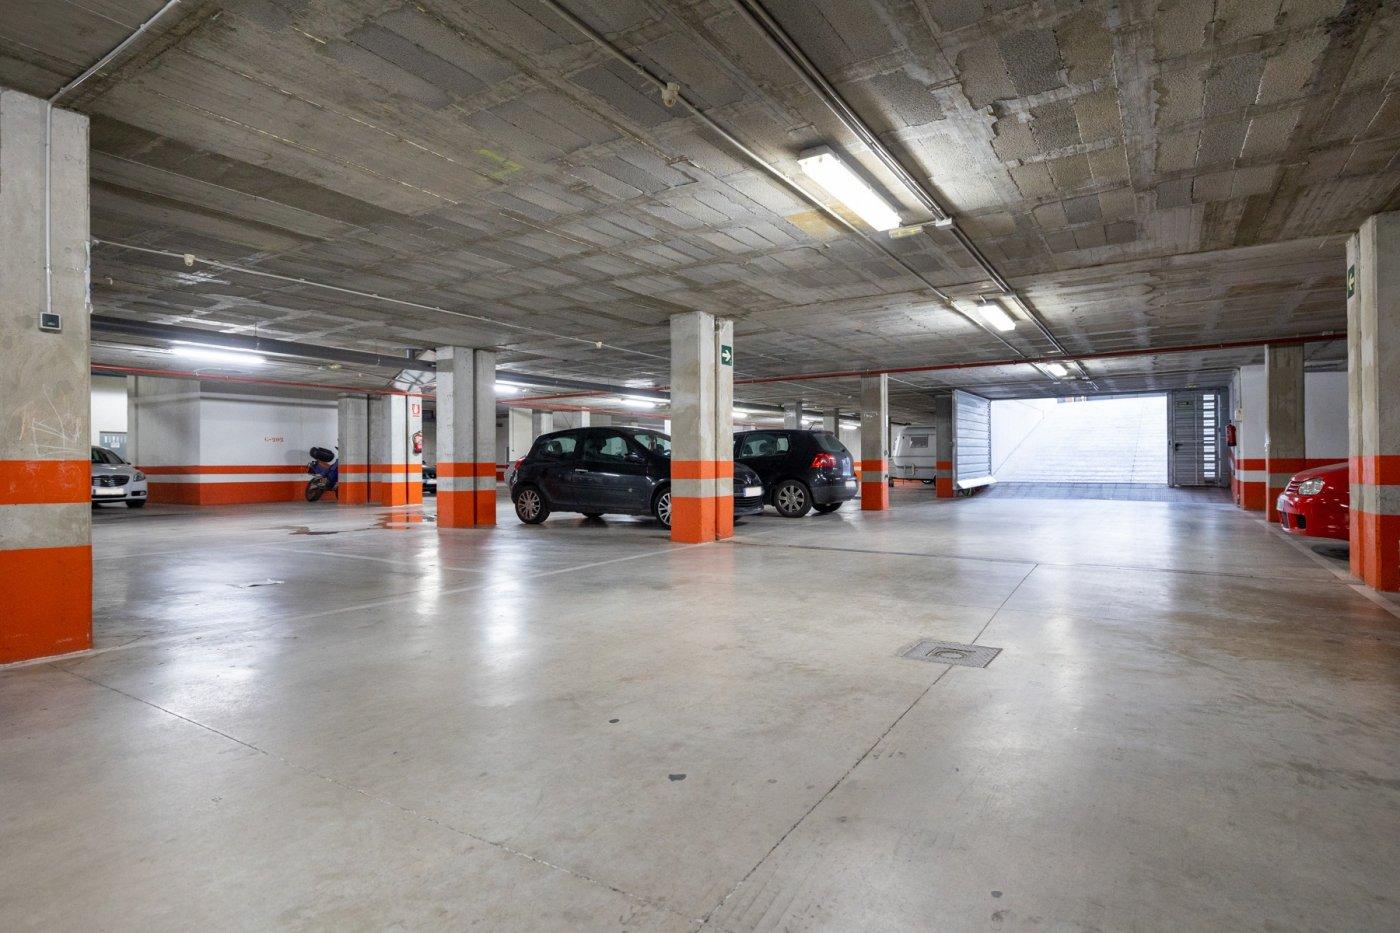 Se vende plaza de garaje bloque 4-5. urb. novosur de alhendin. g 220.opción de 2 garajes y trastero